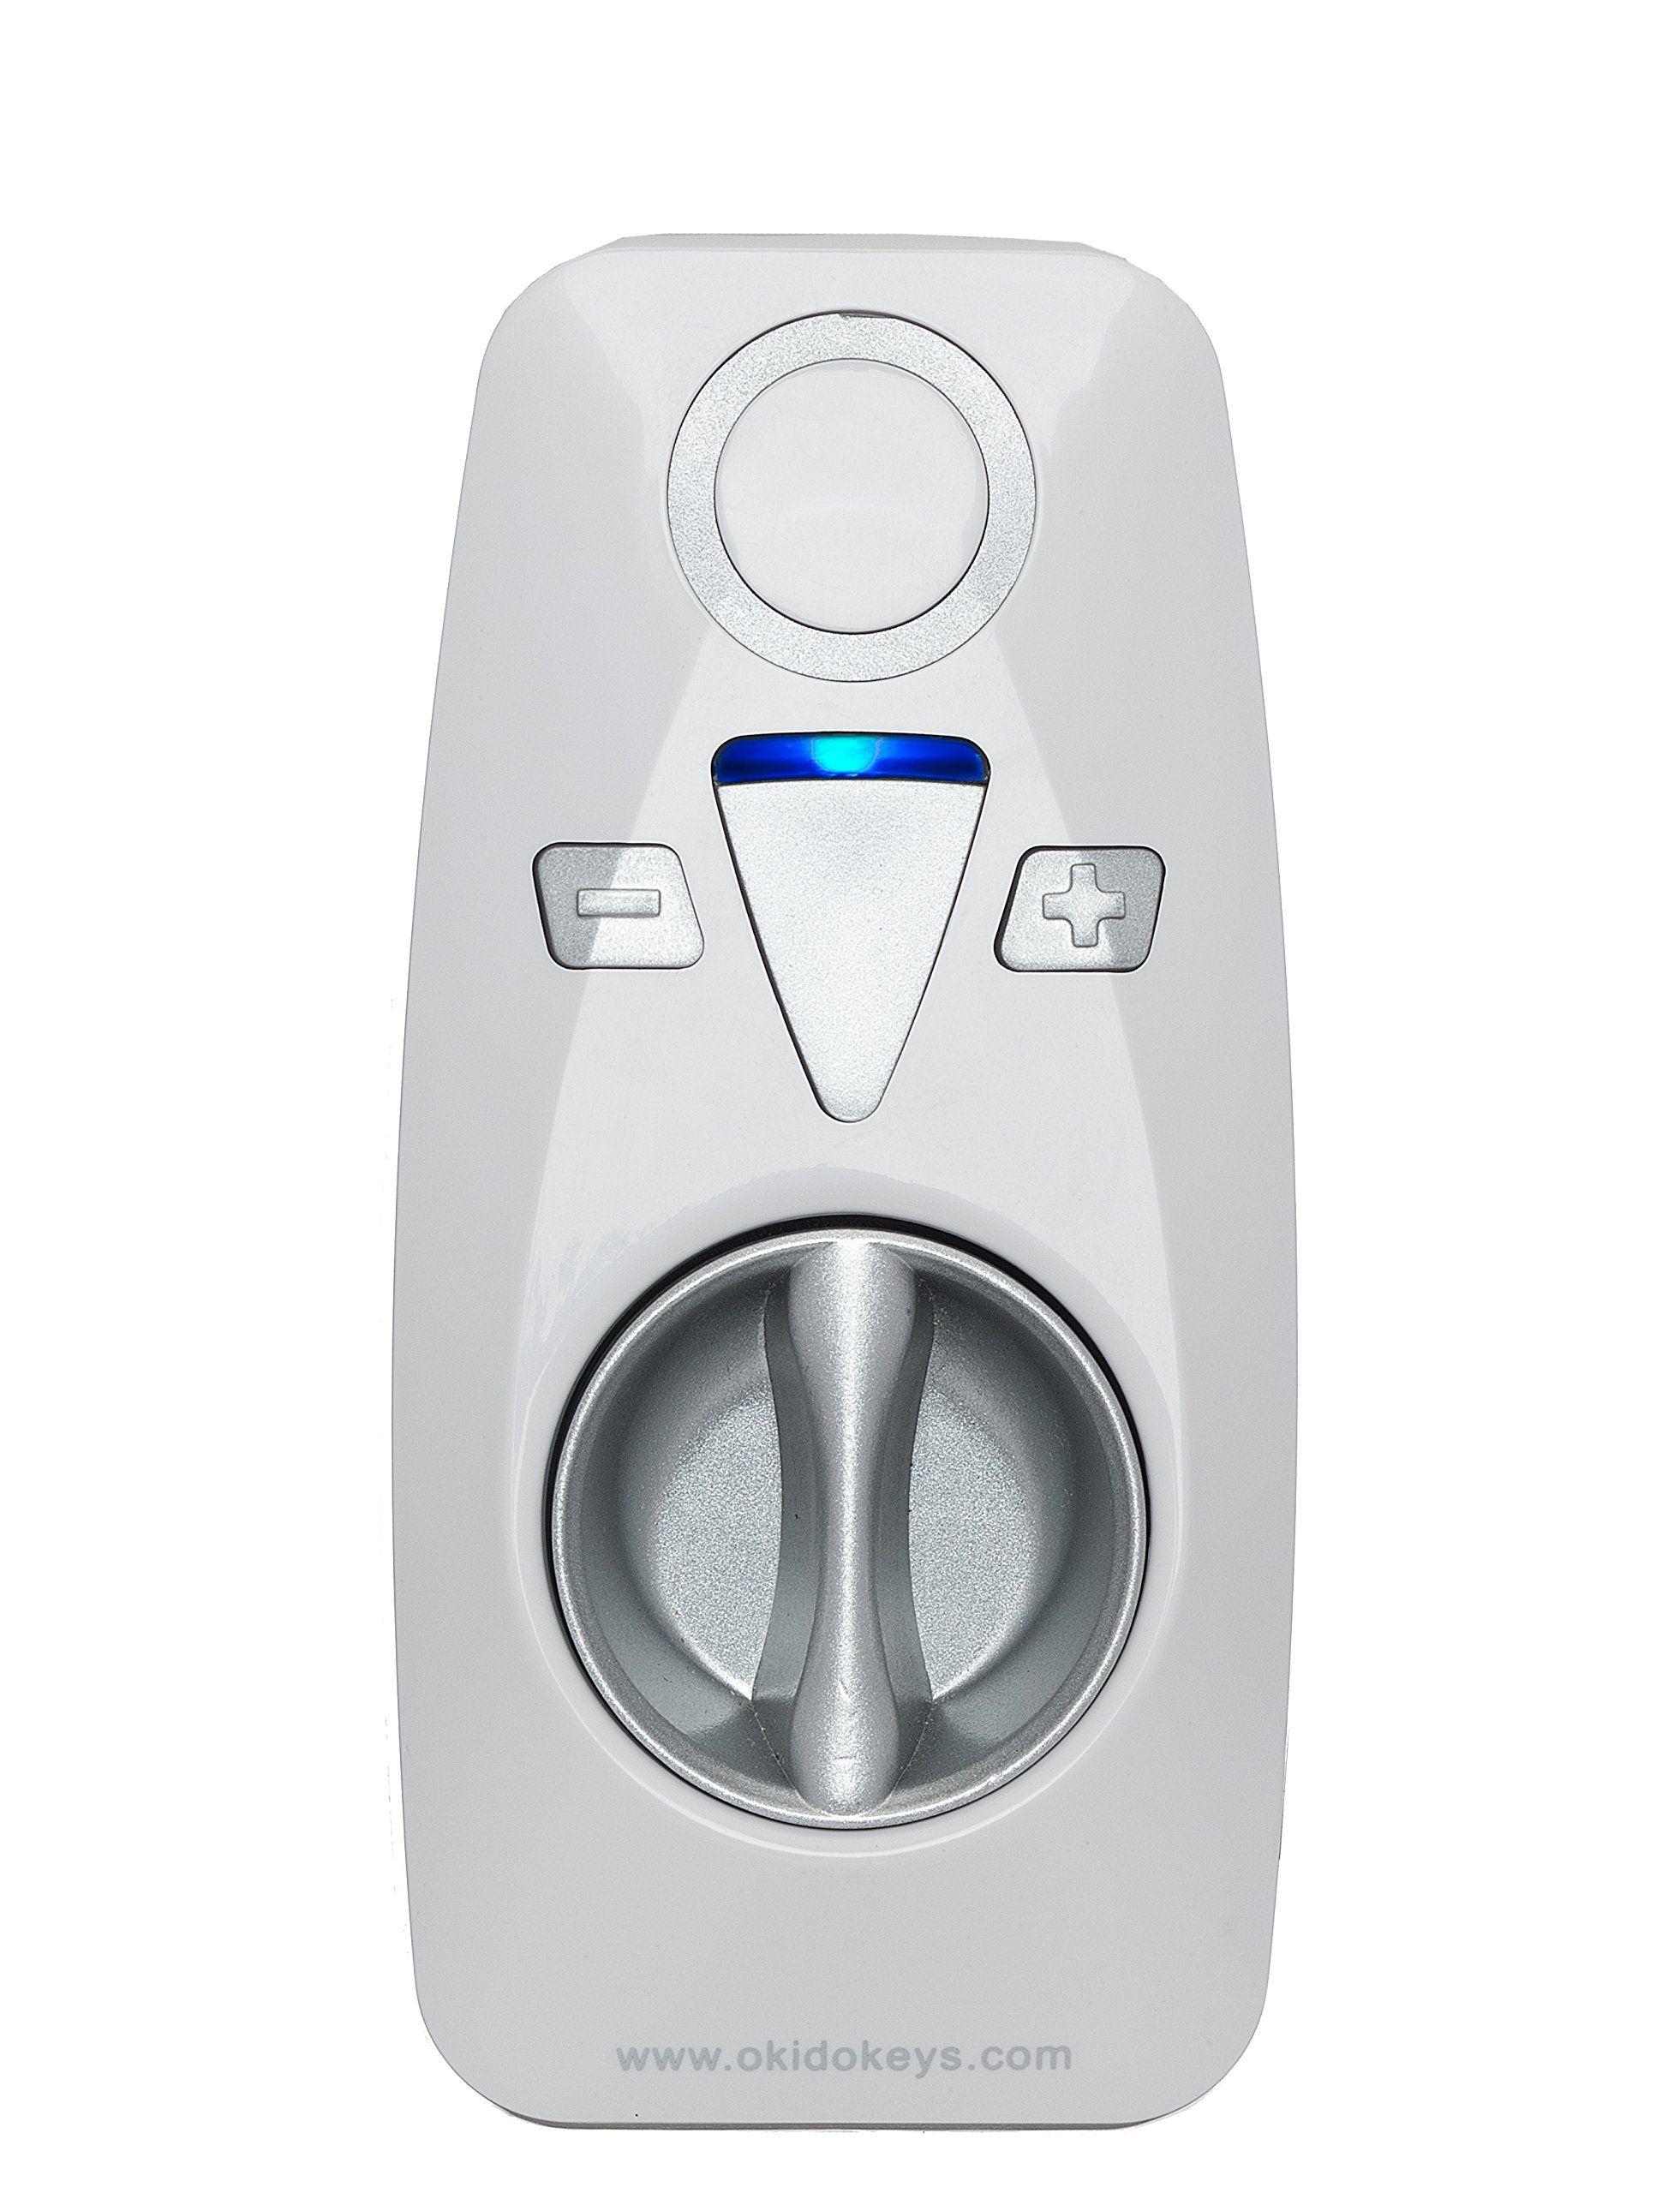 OKIDOKEYS Trend SMARTLOCK Bluetooth 4.0